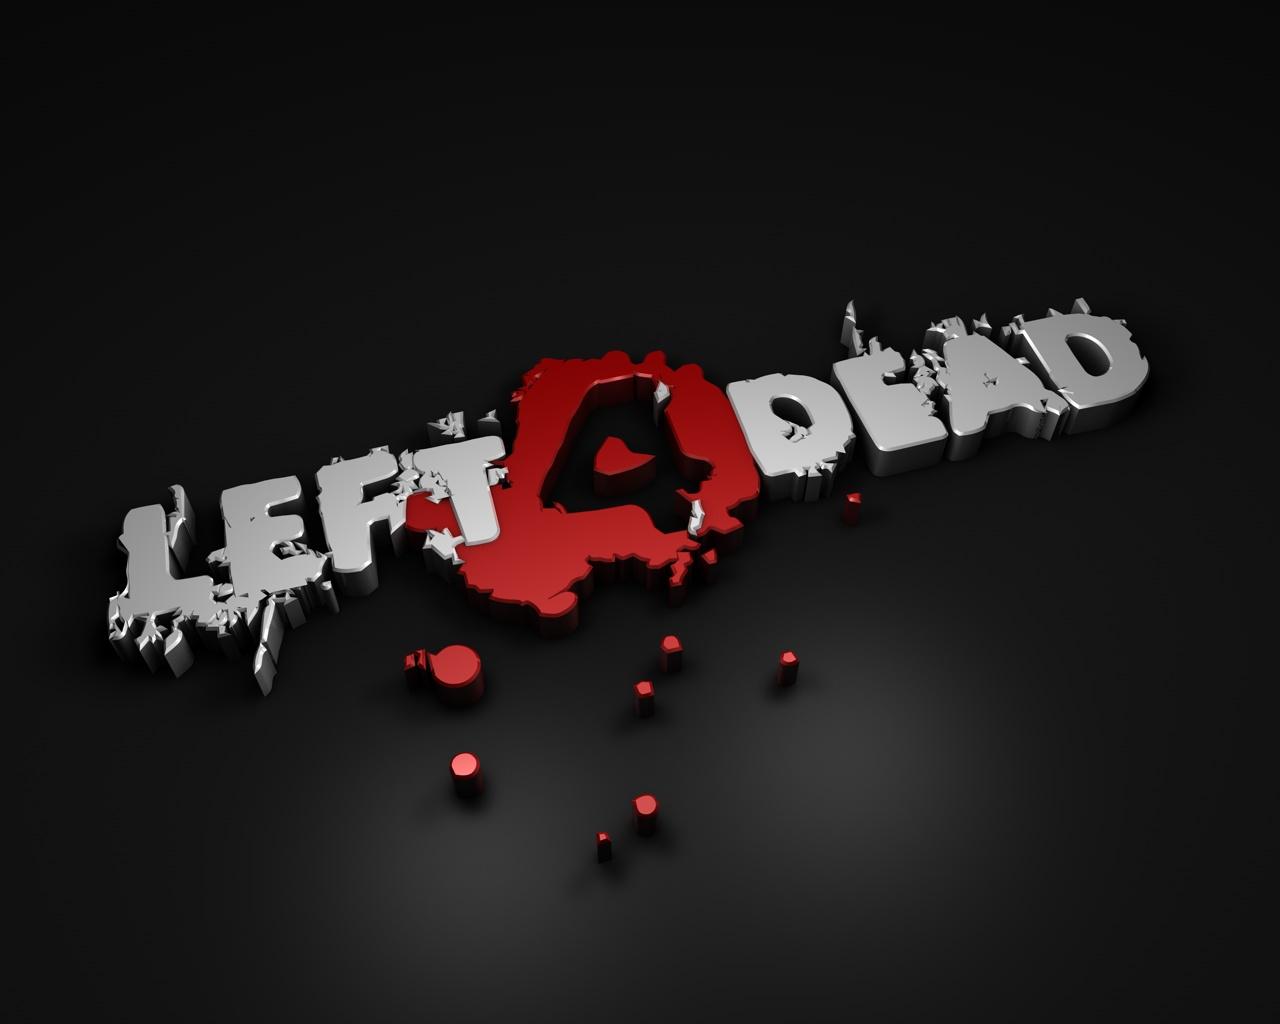 Papeis de parede Left 4 Dead Left_4_Dead_Wallpaper___Black_by_Vancete